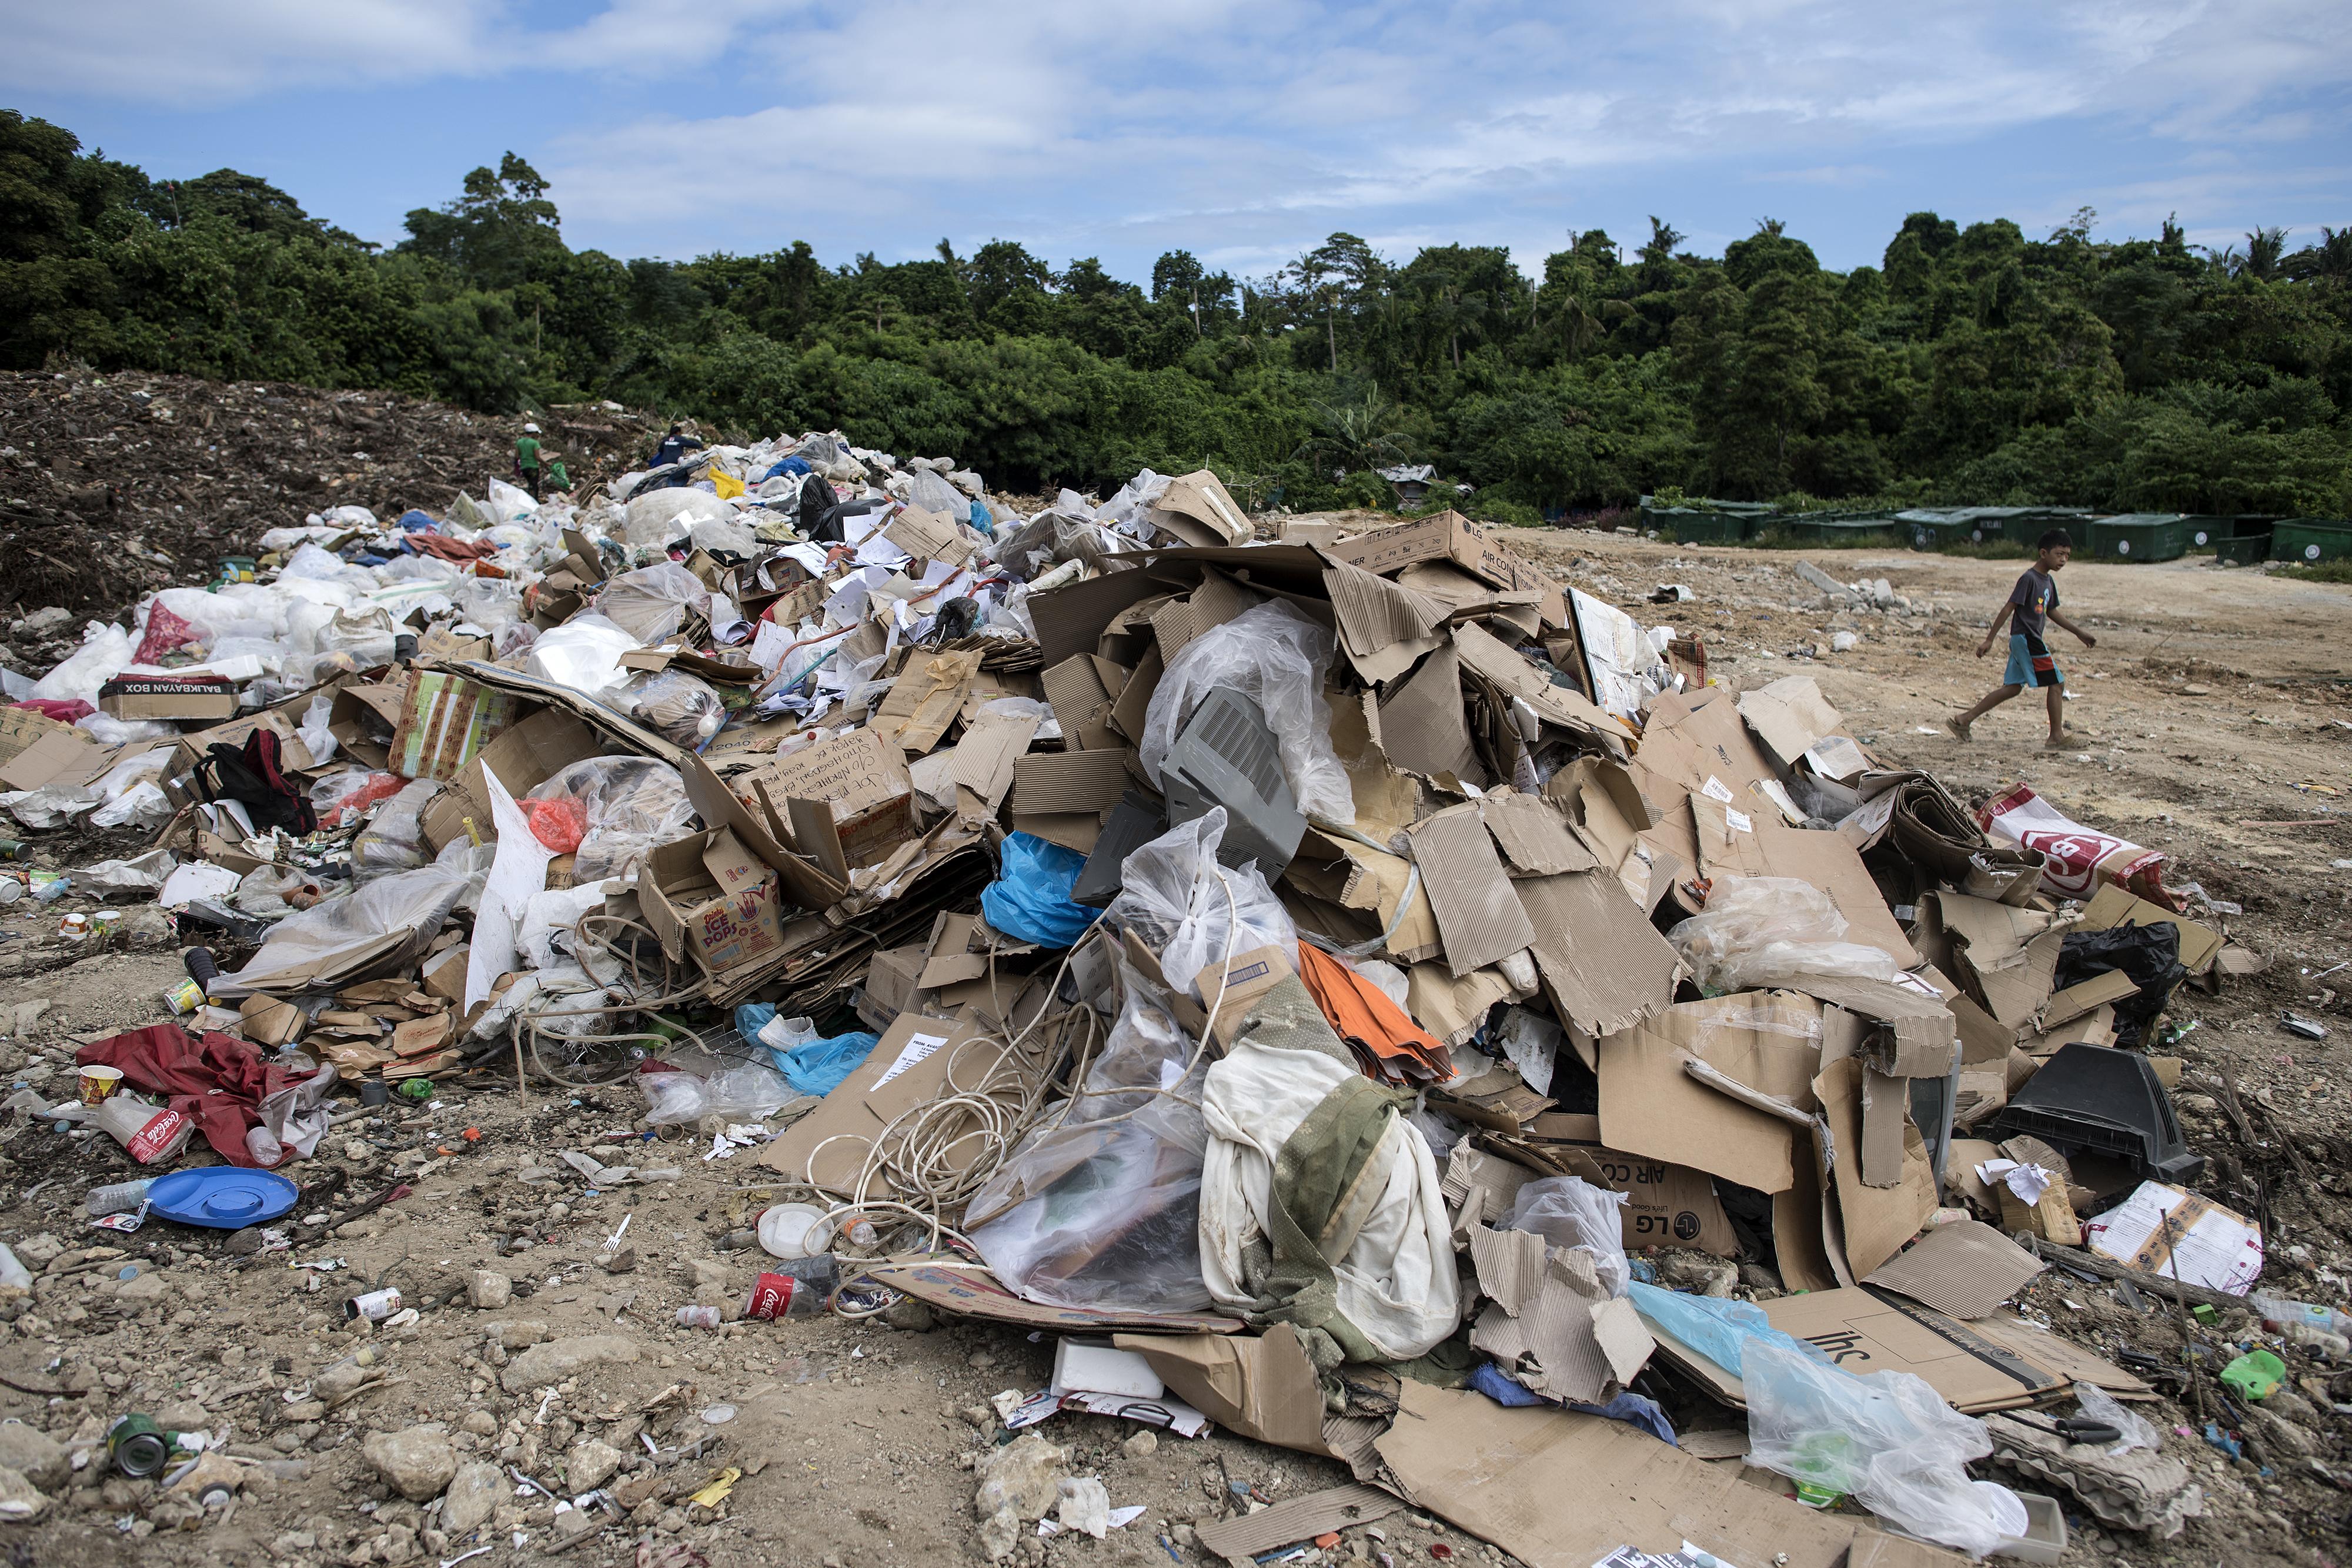 Criança passa ao lado de gigantesca pilha de lixo ilha Boracay, nas Filipinas: fechamento compulsório ao público. (Foto de Noel Celis (AFP)